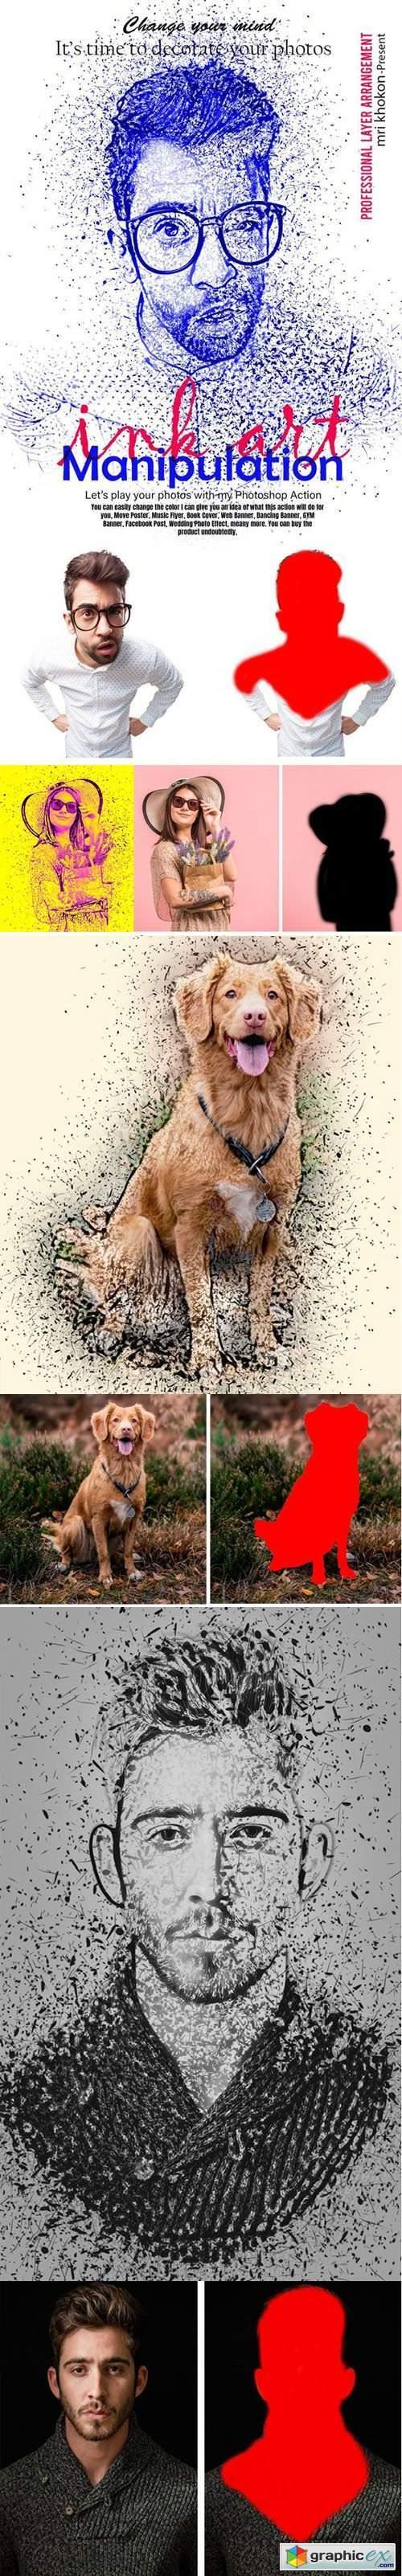 Ink Art Manipulation Photoshop Action + Brushes